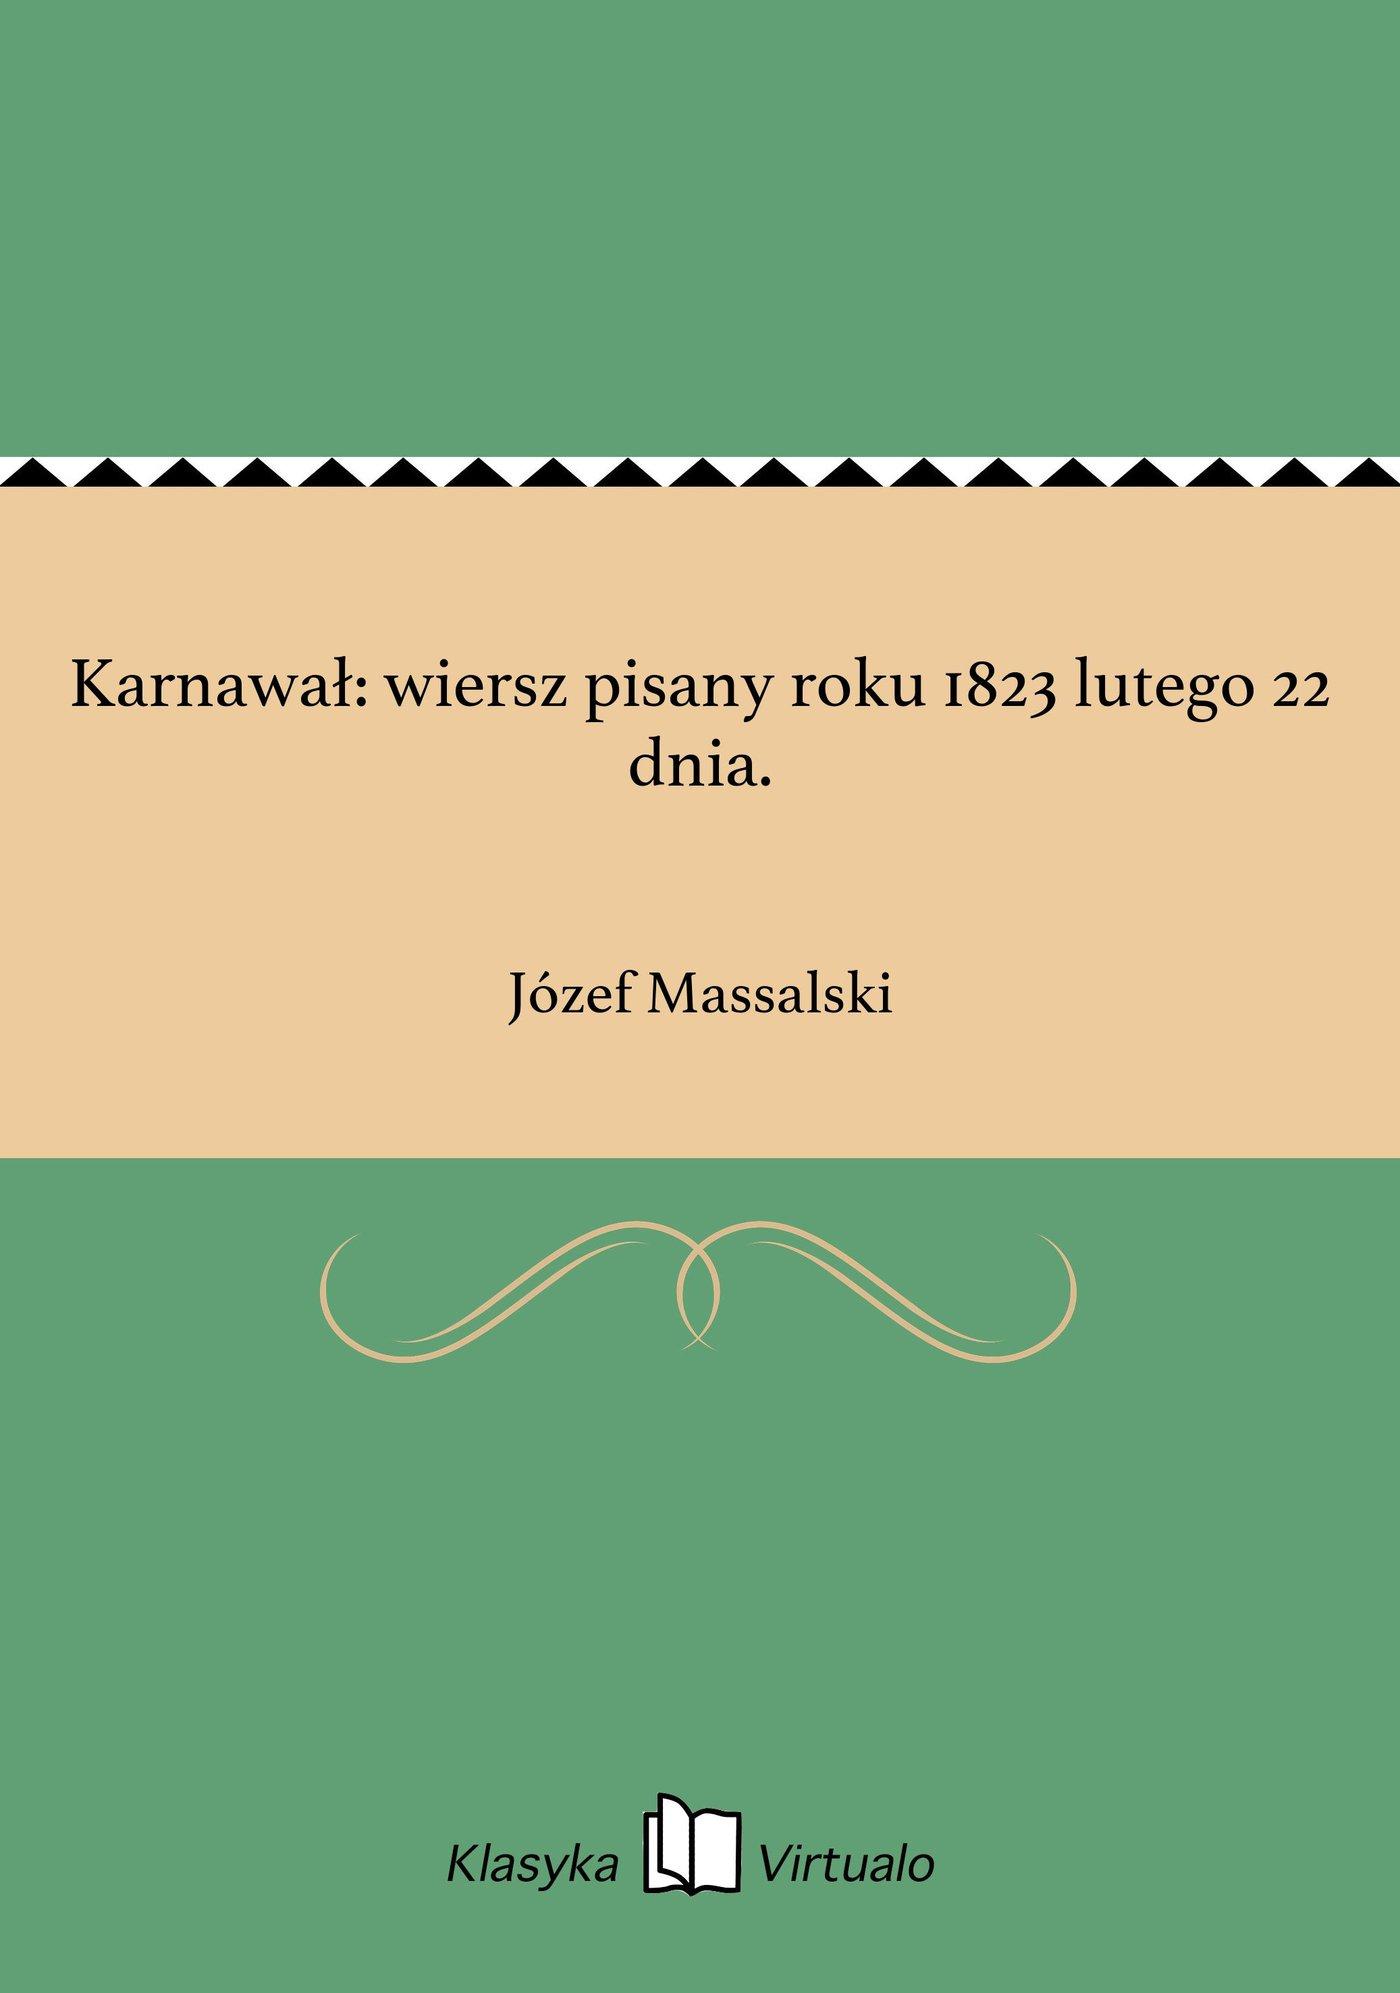 Karnawał: wiersz pisany roku 1823 lutego 22 dnia. - Ebook (Książka EPUB) do pobrania w formacie EPUB